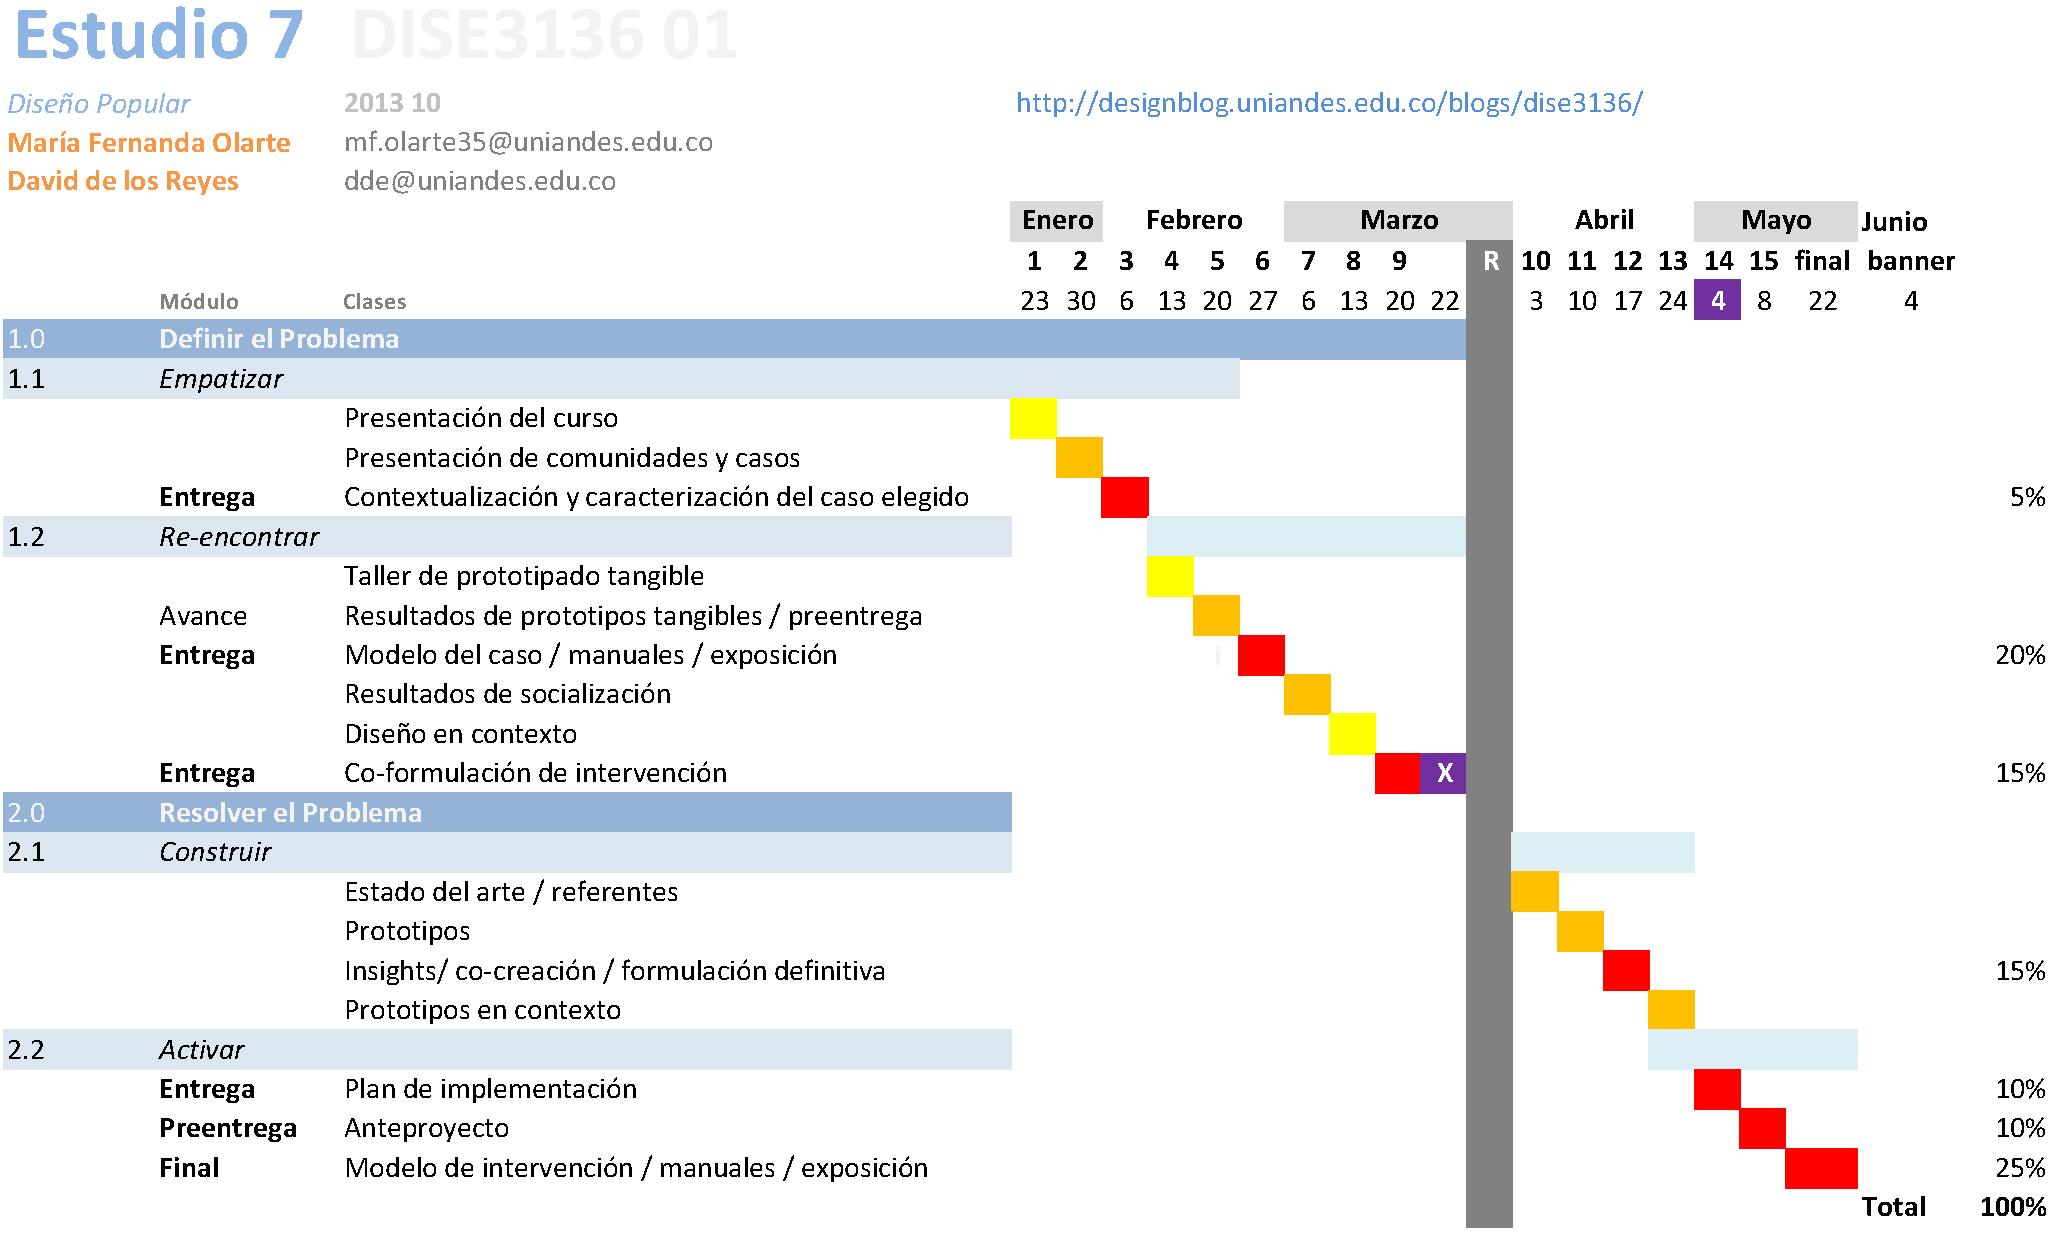 Cronograma E7 2013 10